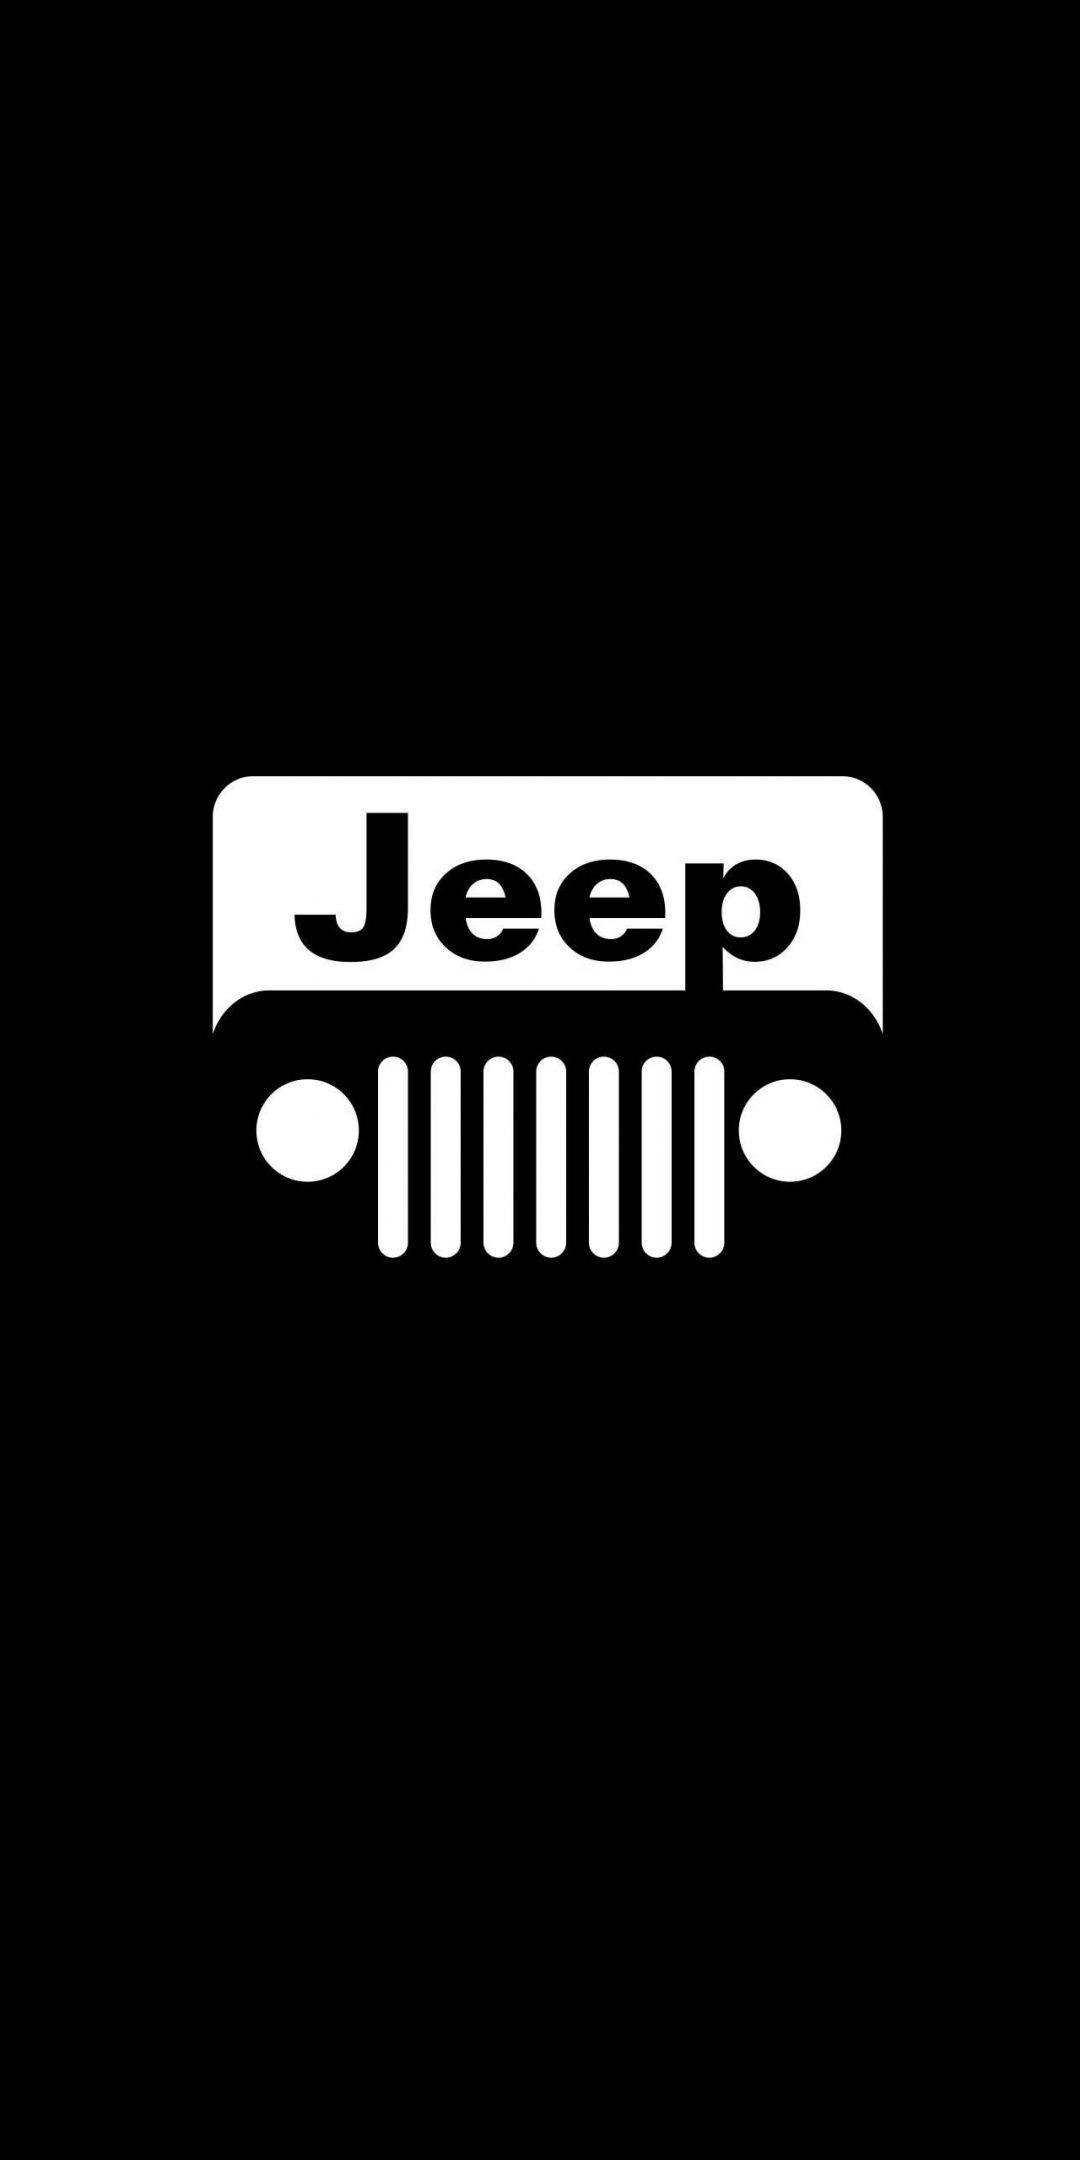 Jeep Car Minimal Logo Dark 1080x2160 Wallpaper Jeep Wallpaper Jeep Jeep Stickers